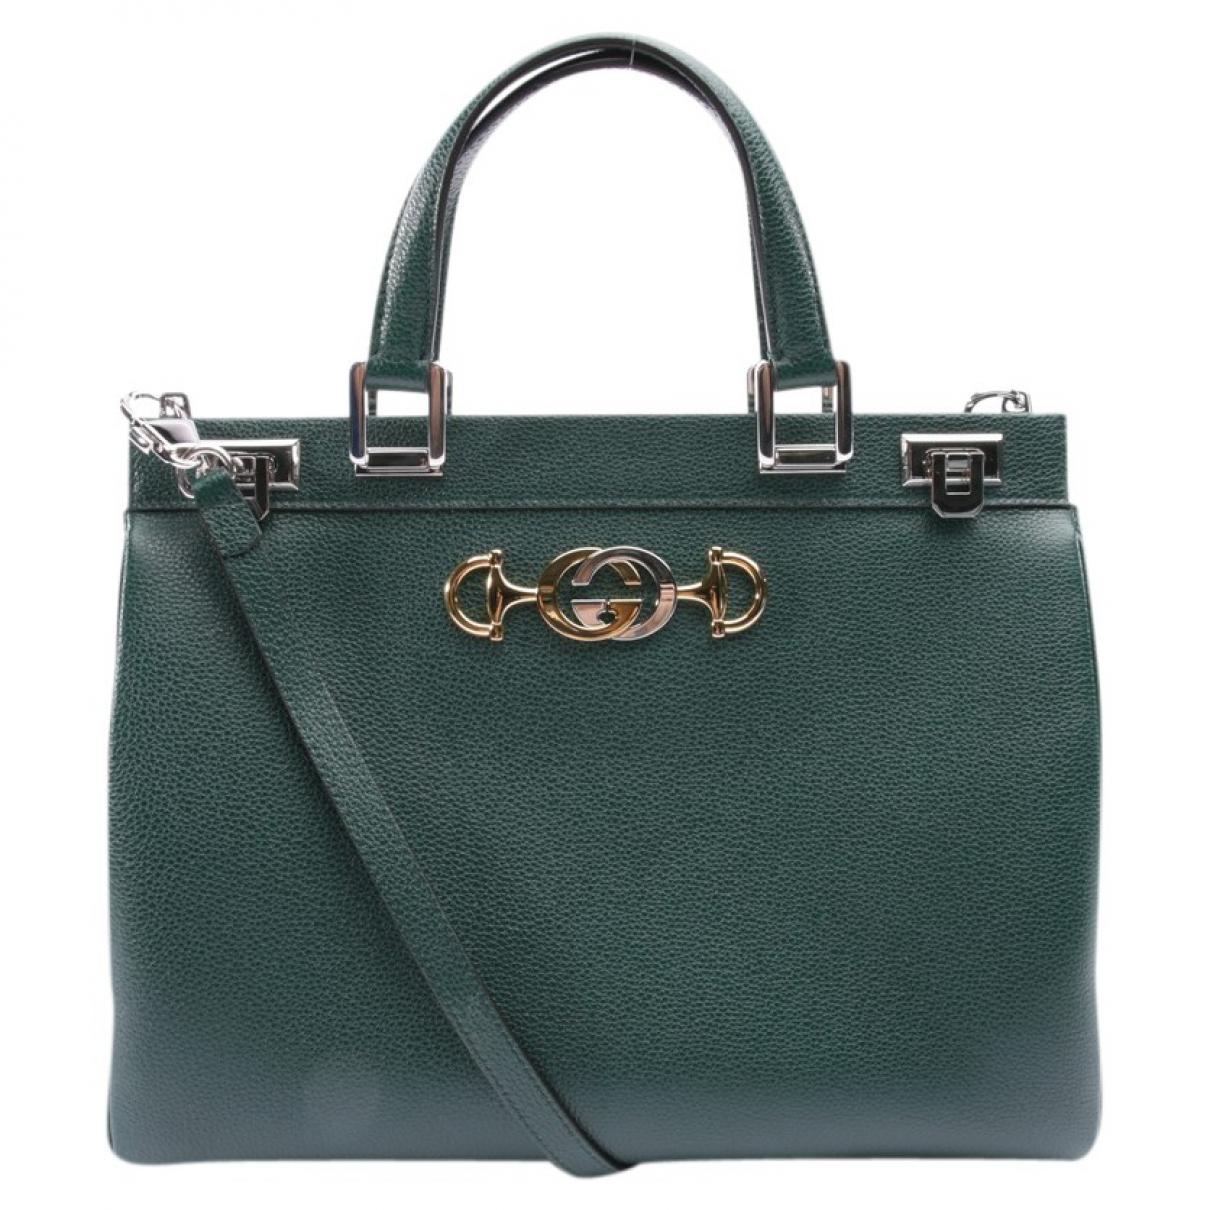 Gucci - Sac a main Zumi pour femme en cuir - vert